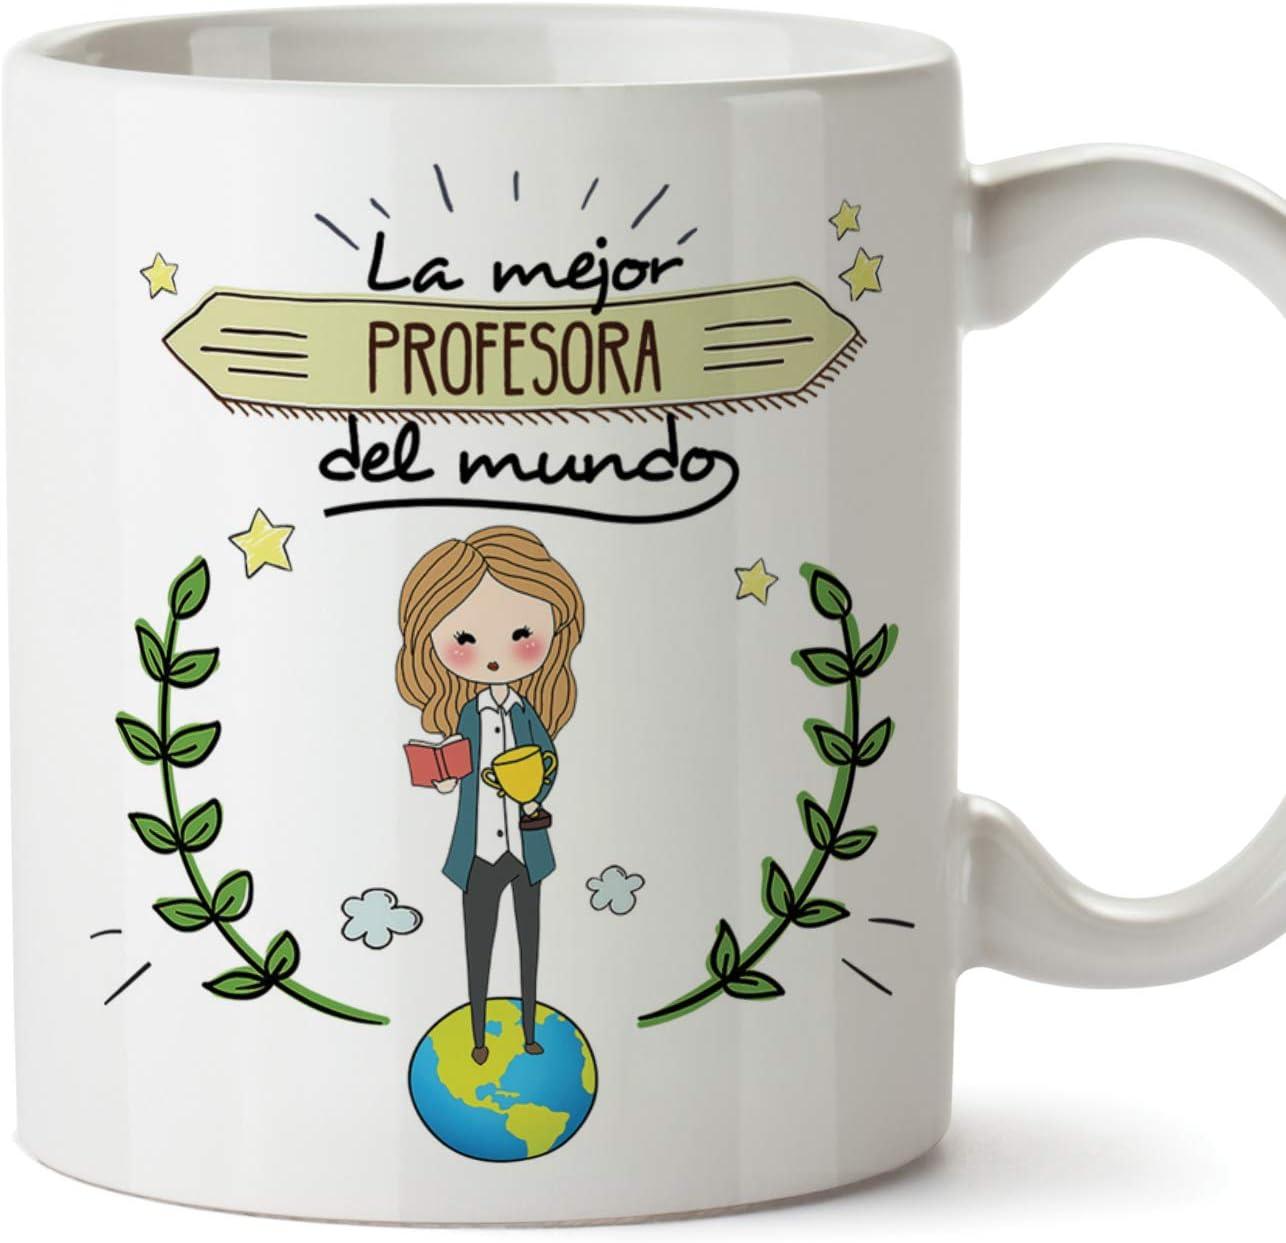 MUGFFINS Taza Profesora (Mujer) - La Mejor Profesora del Mundo (Modelo Girl) - Regalos Originales para Profesoras y Maestras - Cerámica 350 ml / 11oz